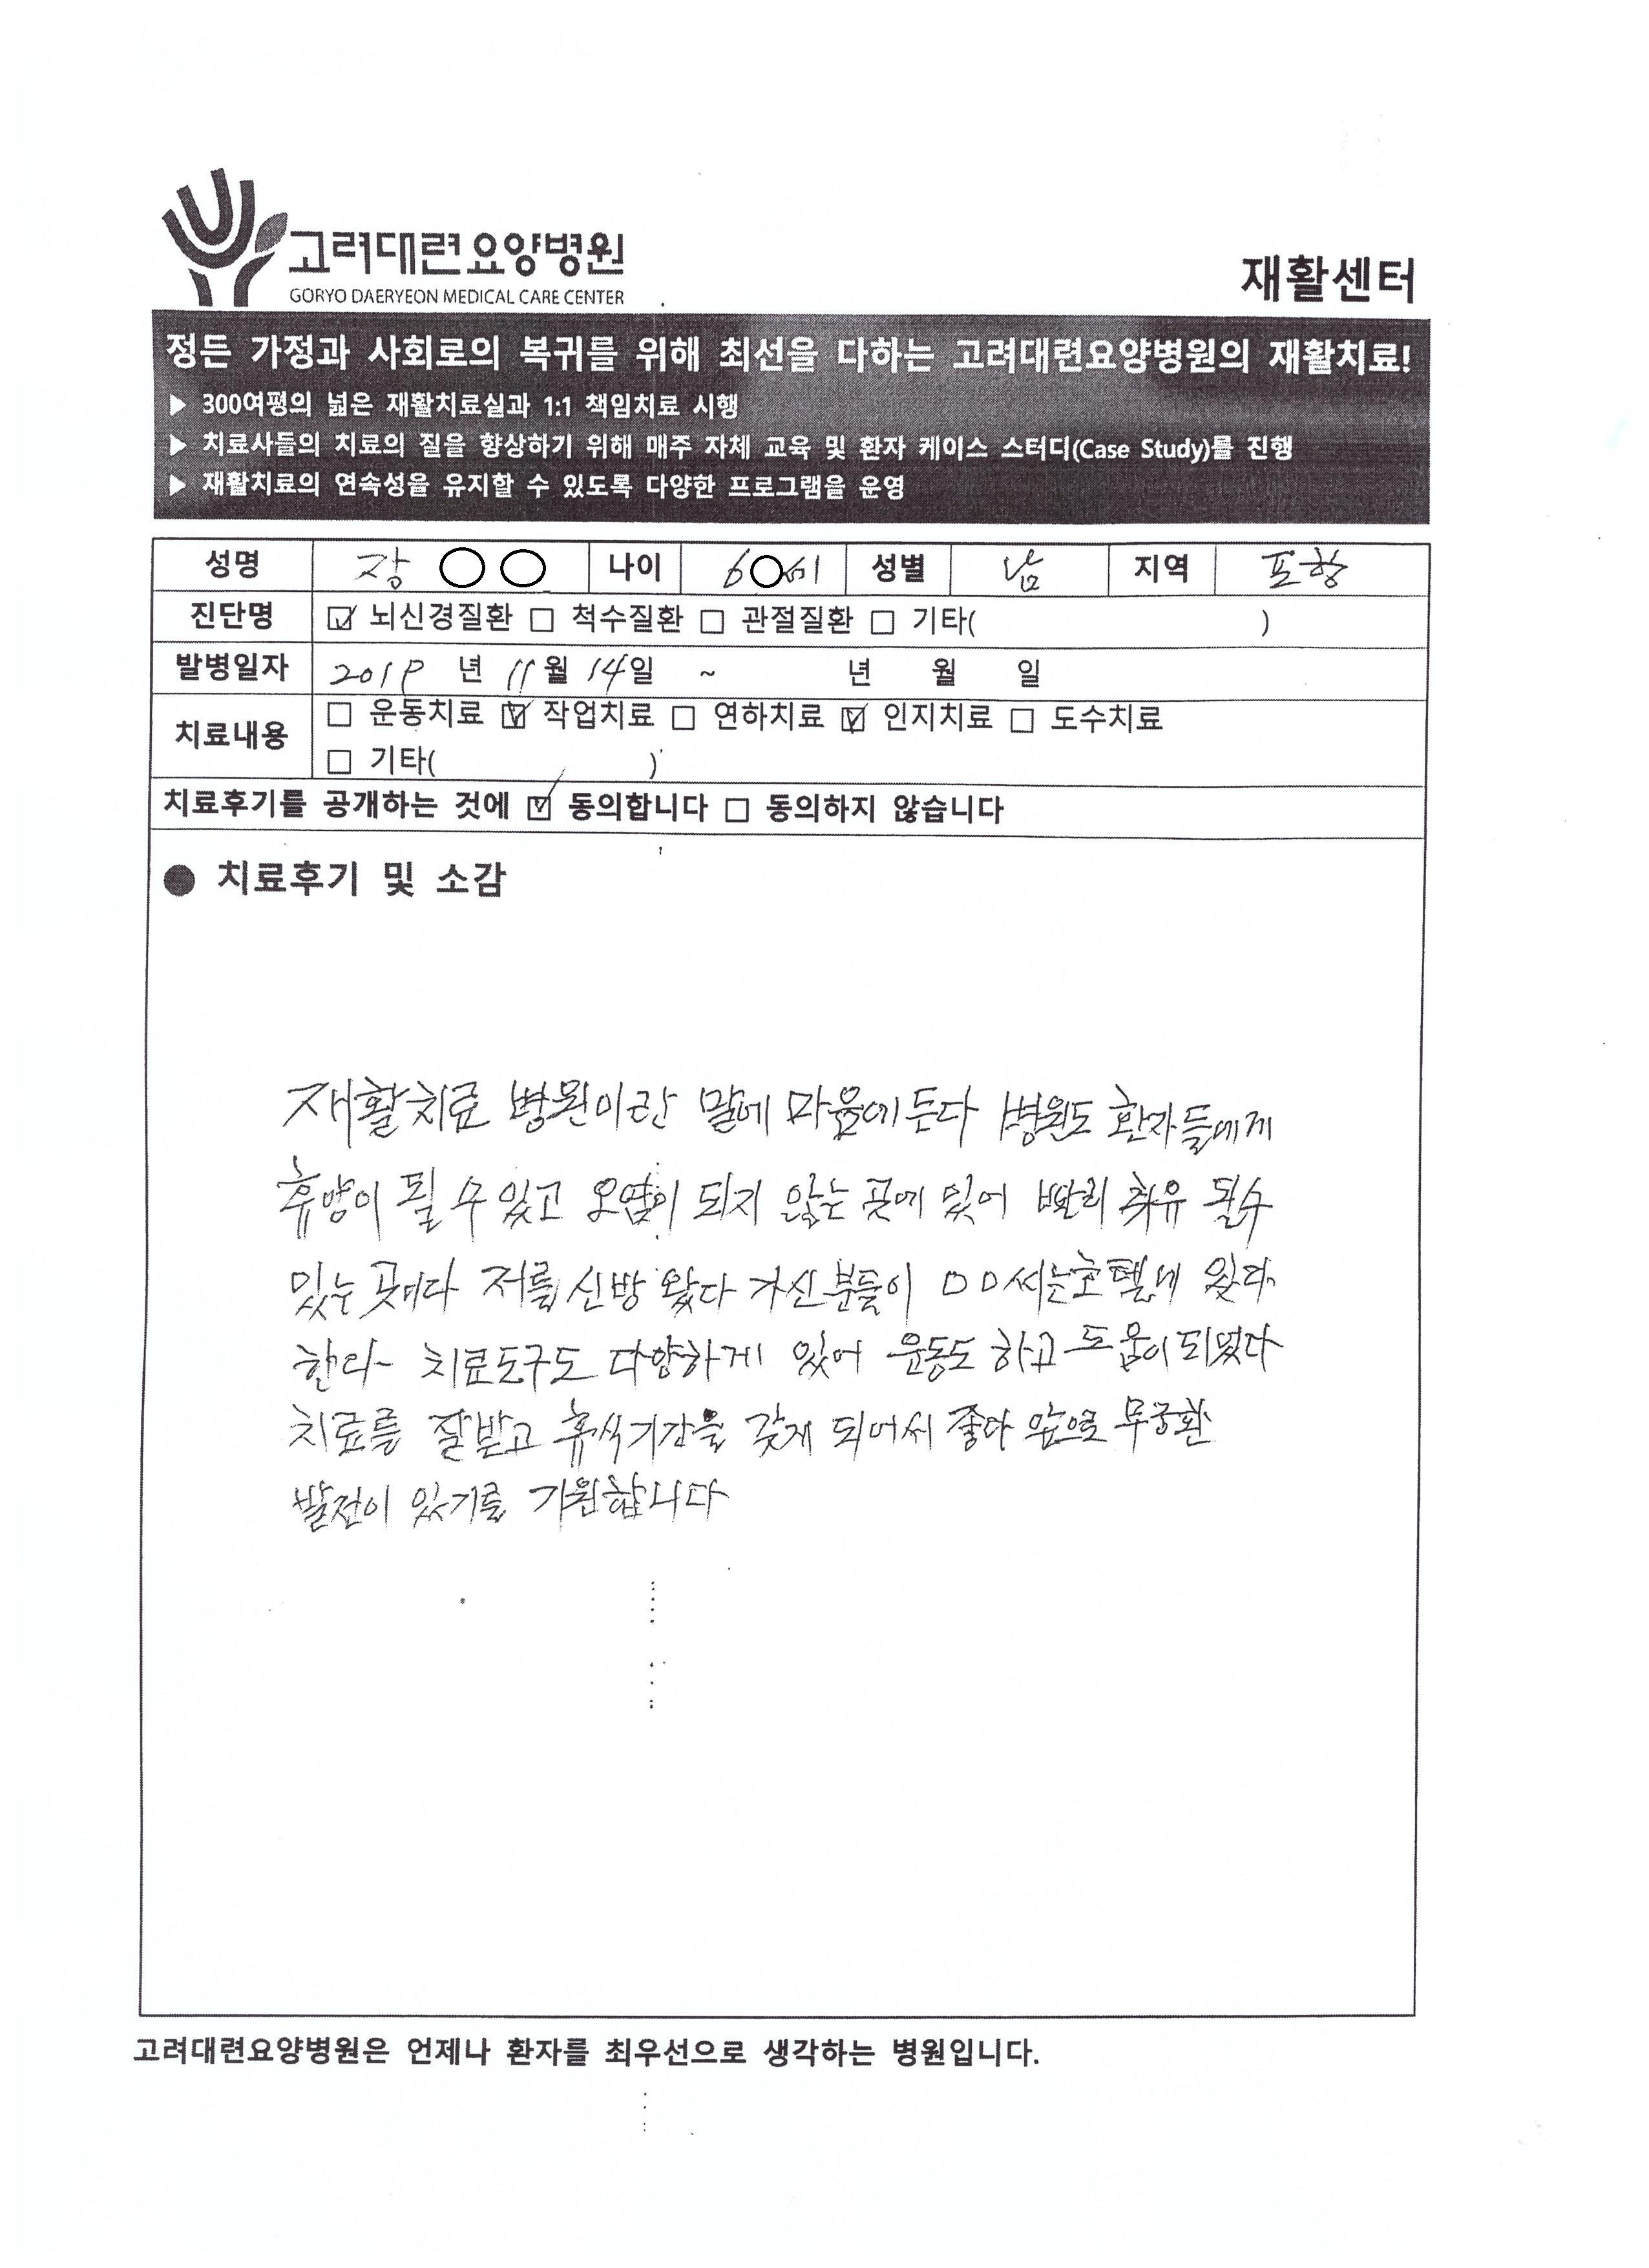 [재활센터] 장OO 치료후기